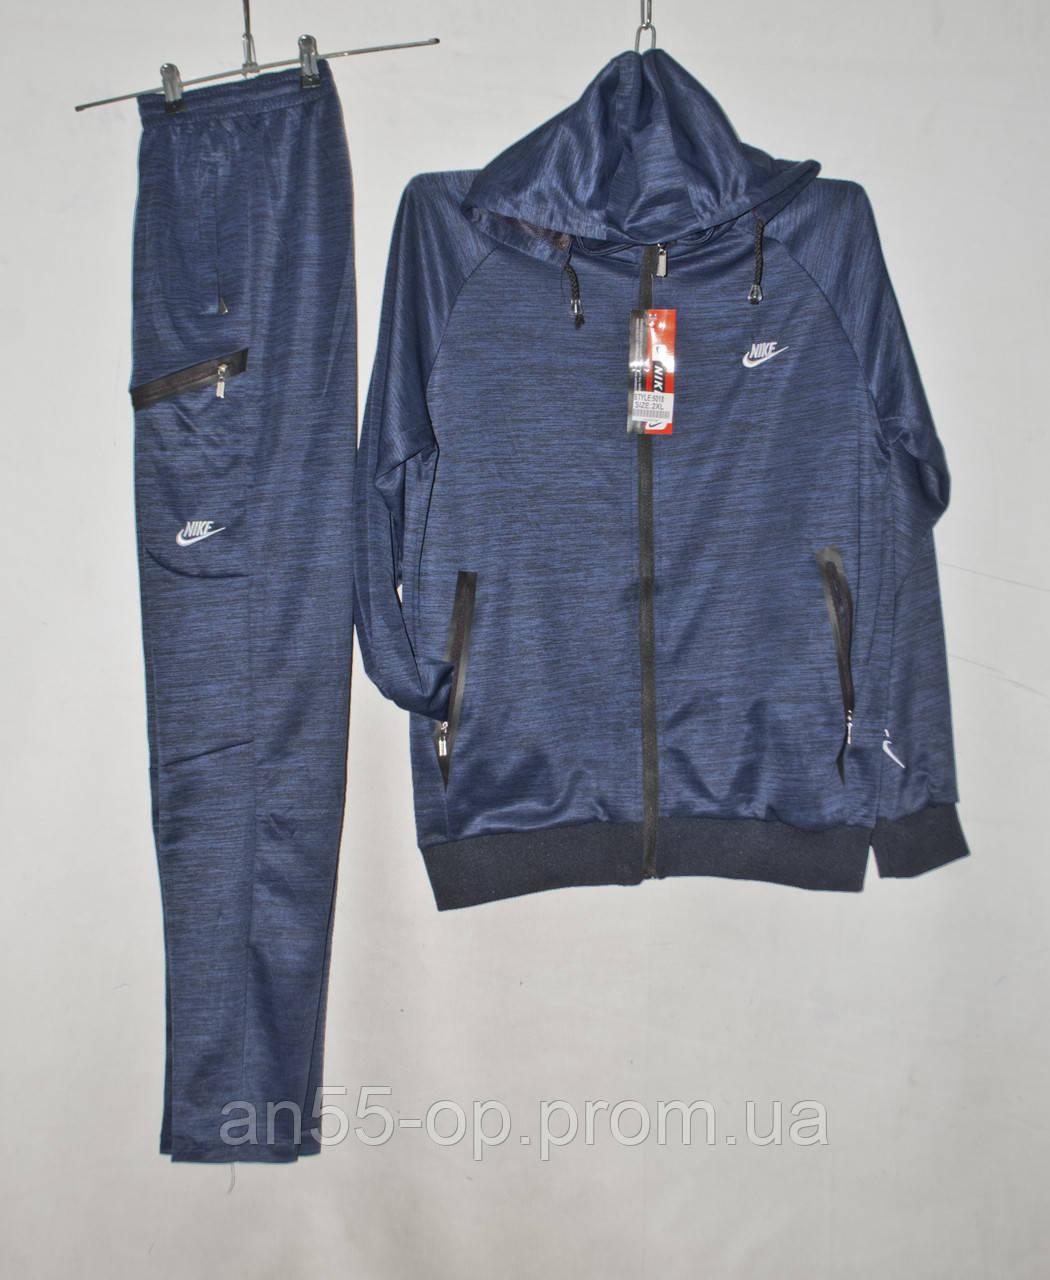 77c32a66 Мужской спортивный костюм эластик Nike (Р.50-56) купить оптом от  производителя.доставка из Одессы(7КМ) ...